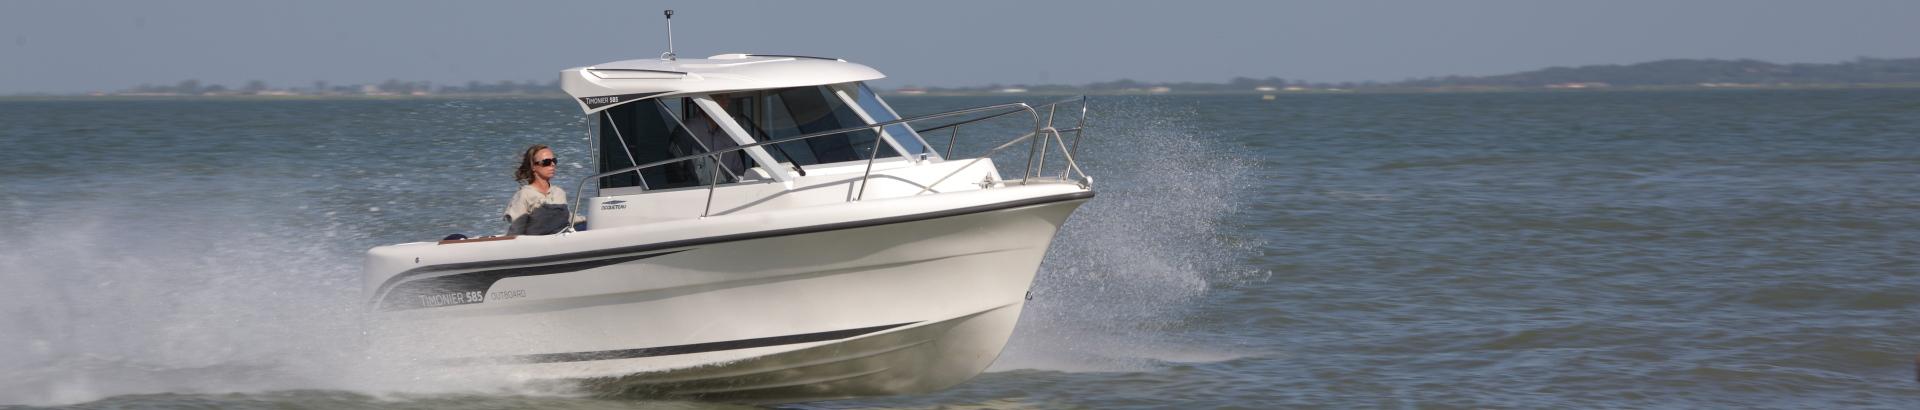 bateaux  u00e0 moteur  u0026 voiliers ocqueteau